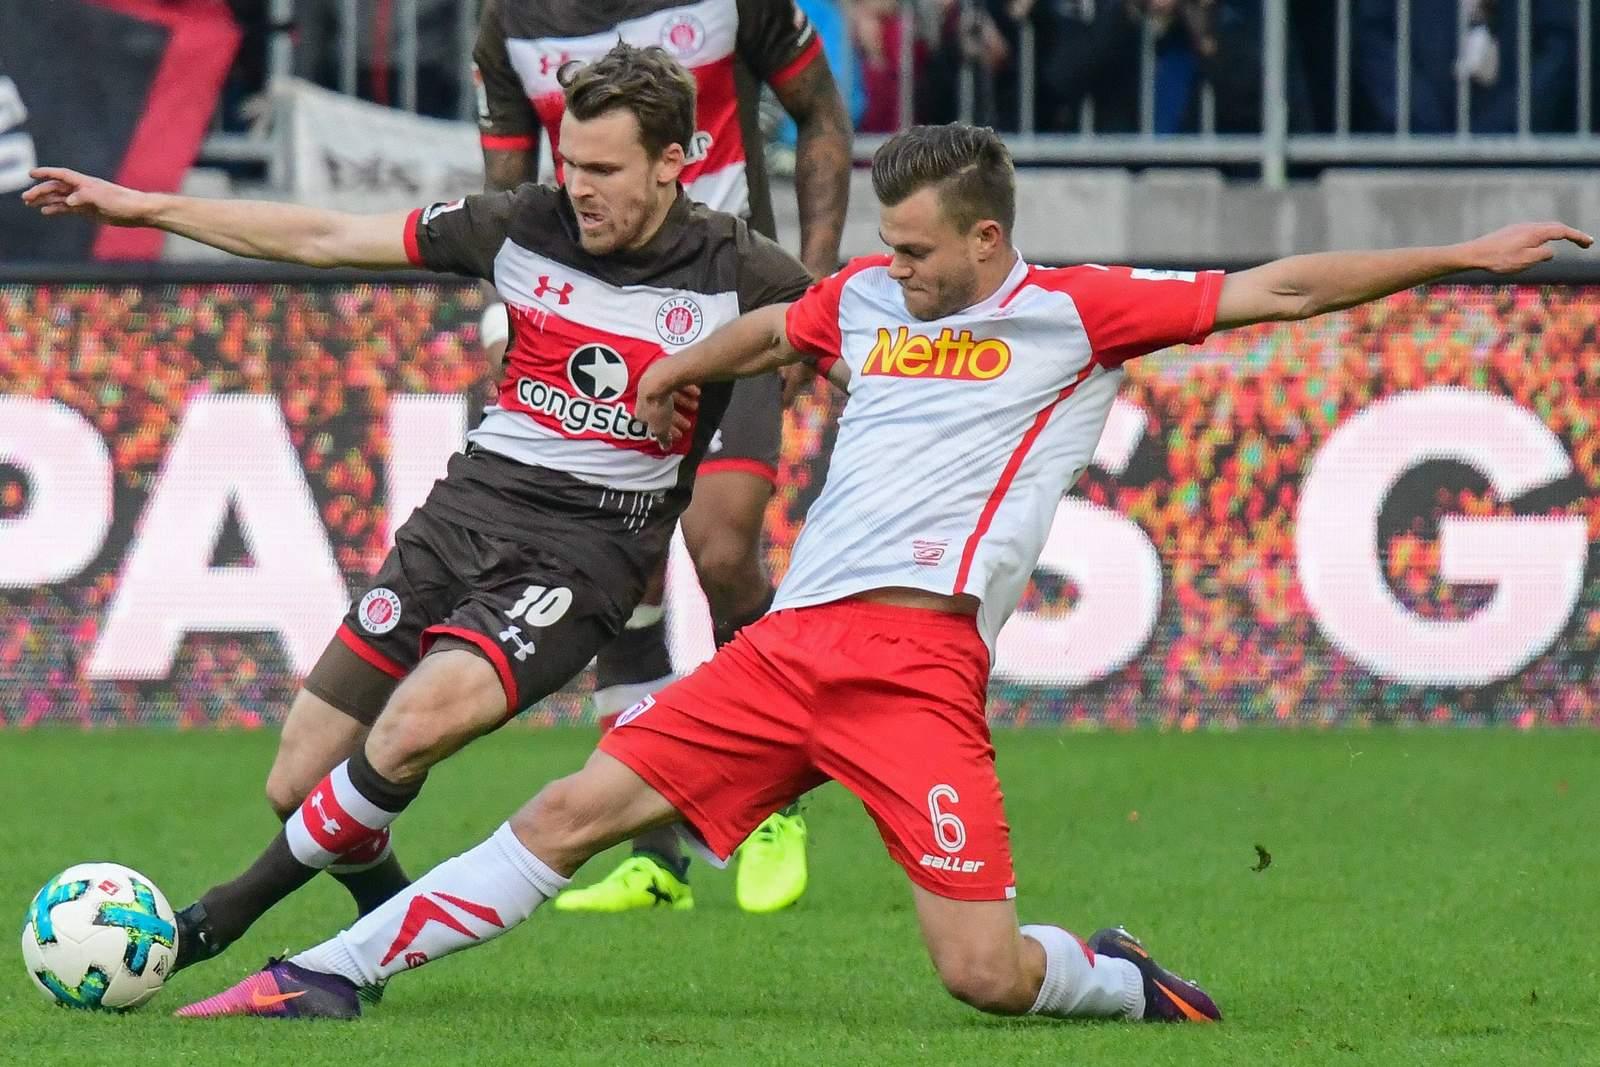 Ist Benedikt Saller im Zweikamof mit Christopher Buchtmann den einen Schritt schneller am Ball? Jetzt auf Regensburg gegen St. Pauli wetten.